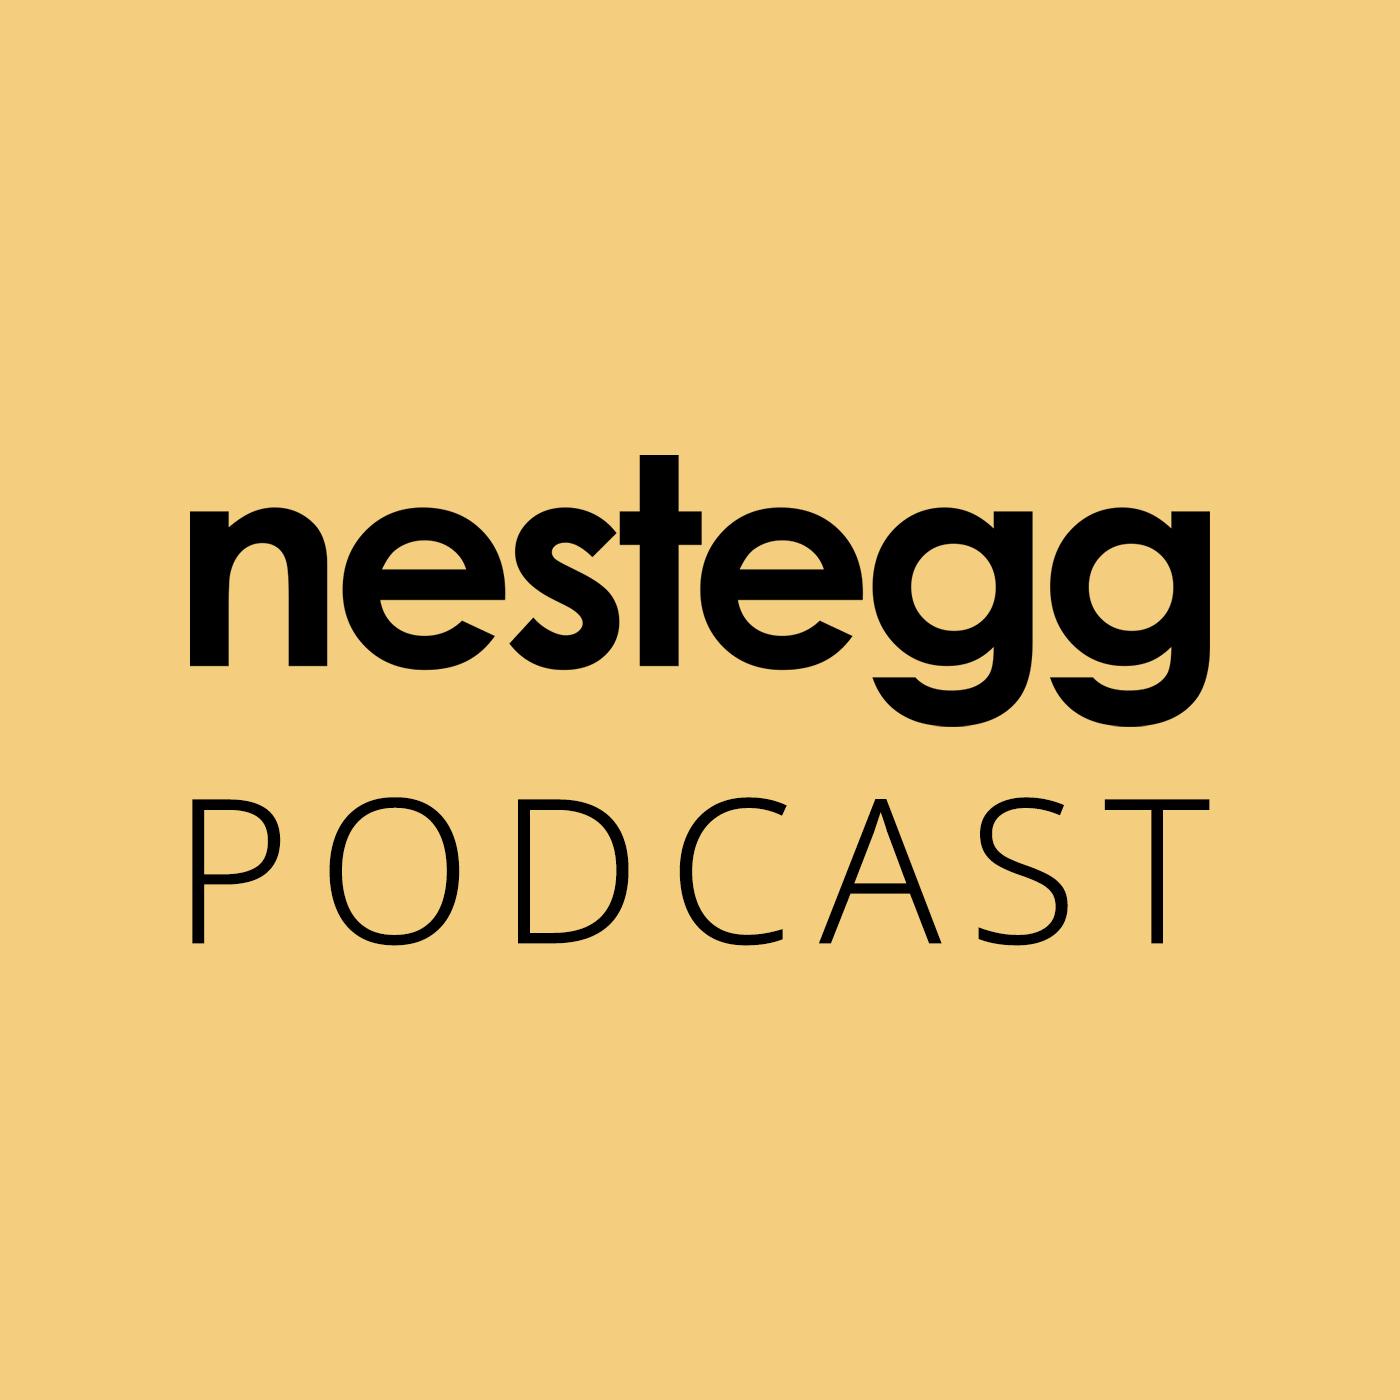 The nestegg Podcast show art